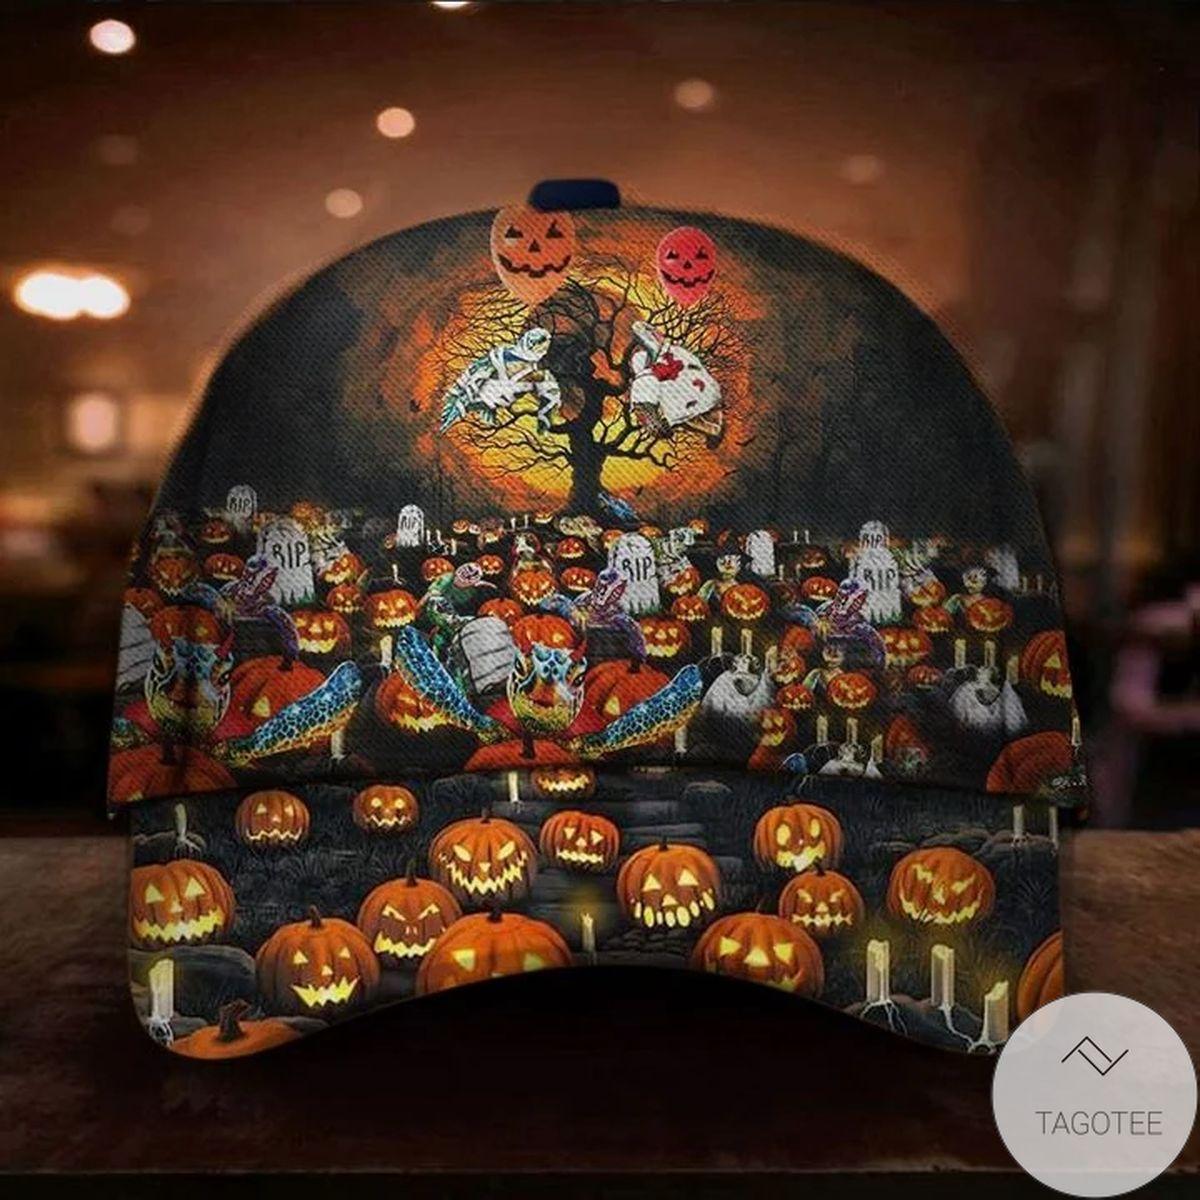 Turtle Pumpkin Halloween Cap